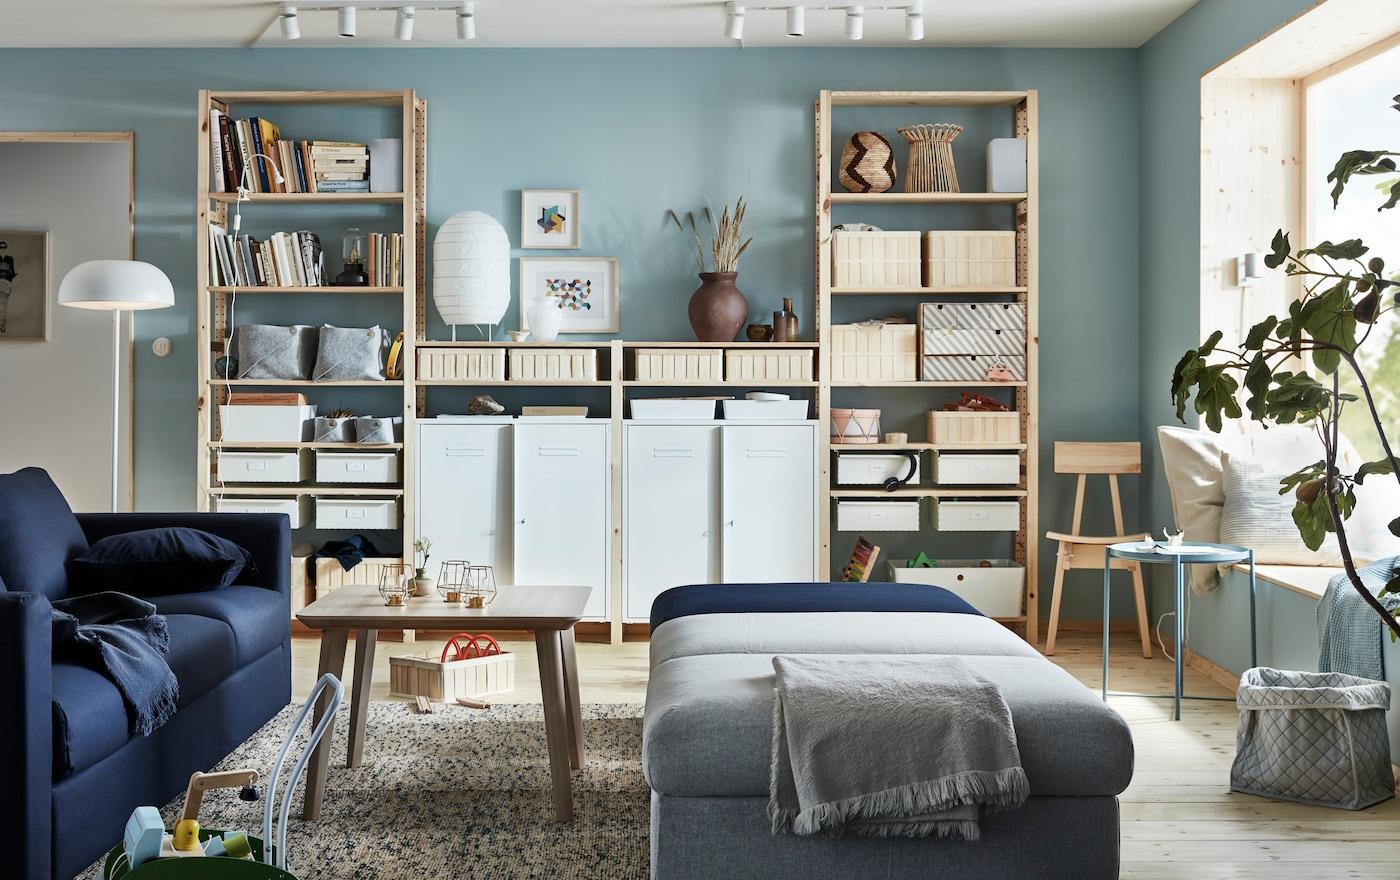 Living donde hay un sofá azúl oscuro VIMLE, una mesa de centro de madera y módulos de sofá grises y azul para sentarse. Un mueble grande atrás de madera lleno de libros y cajoneras organizadoras.